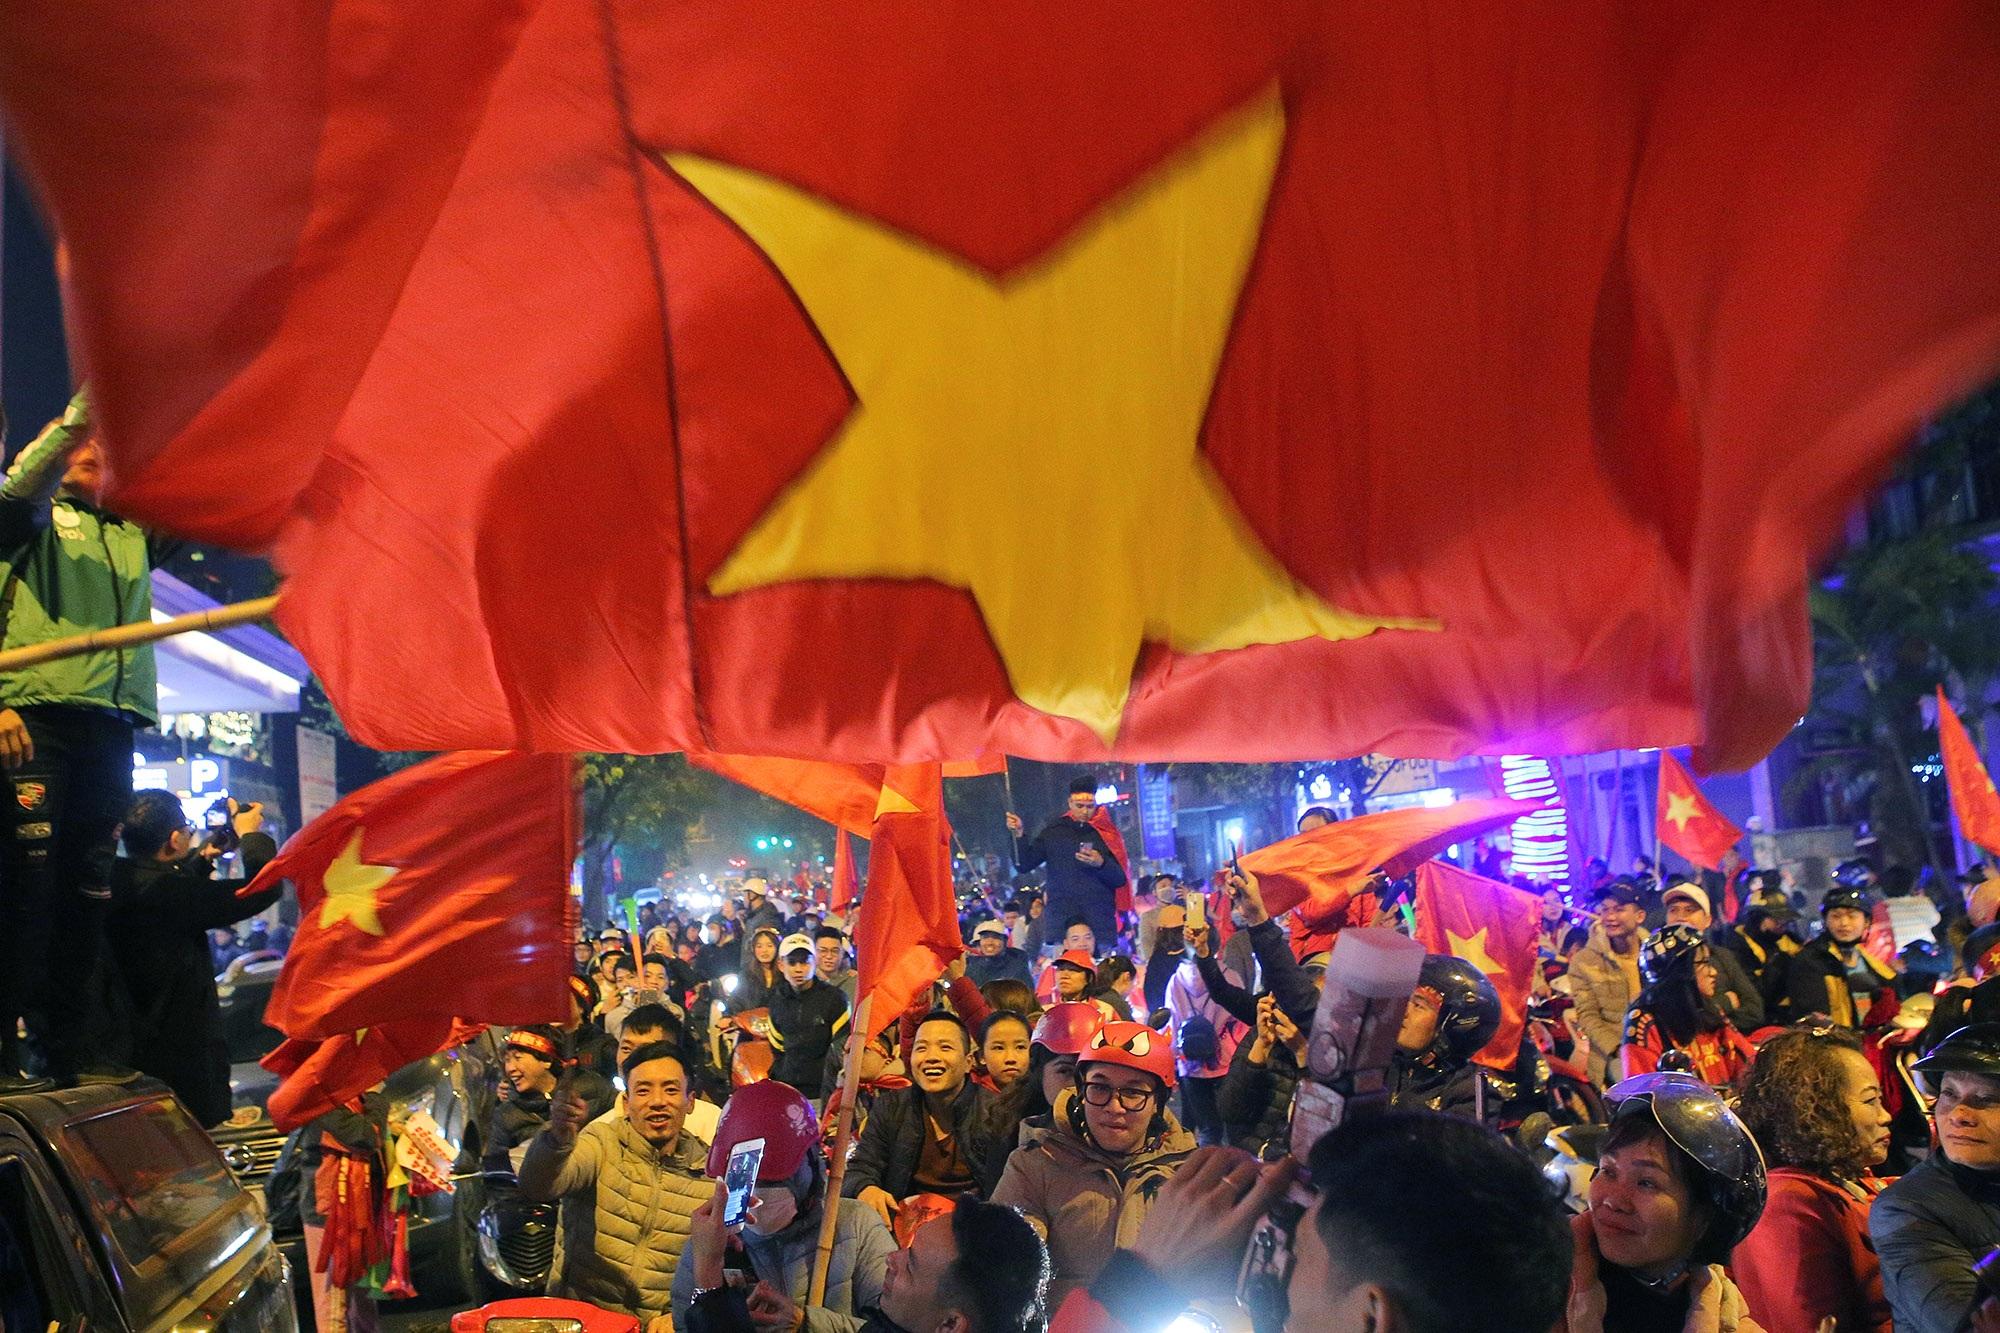 Hình ảnh ấn tượng biển người mừng chiến thắng giữa đêm khuya tại Hà Nội - 6